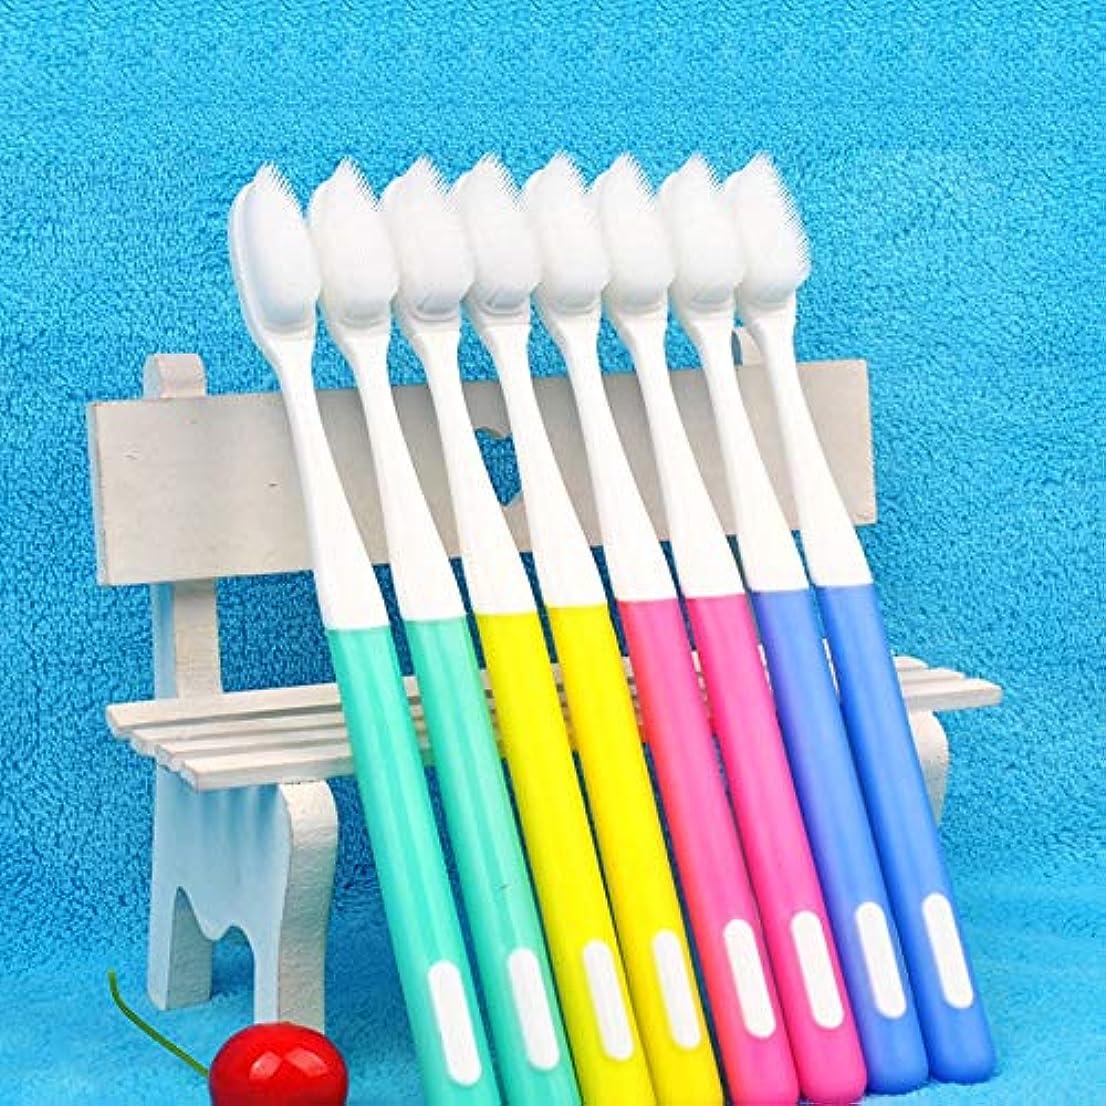 メキシコ七面鳥ディスパッチ歯ブラシ 10パック柔らかい歯ブラシ、ナノ大人歯ブラシ、環境にやさしいシリコン歯ブラシを - 利用可能な2つのスタイル KHL (色 : B, サイズ : 10 packs)